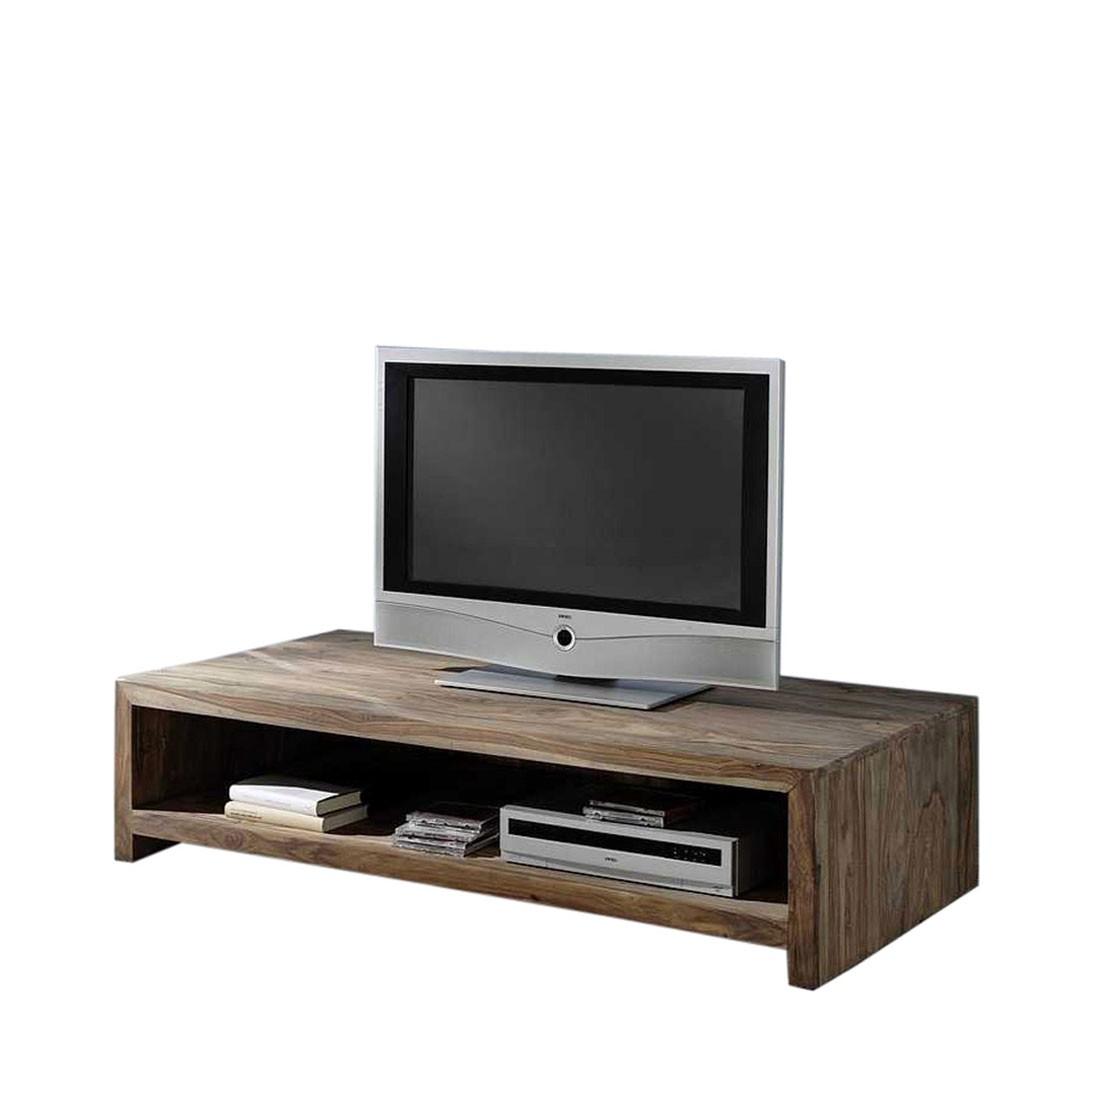 tv mediam bel archives. Black Bedroom Furniture Sets. Home Design Ideas